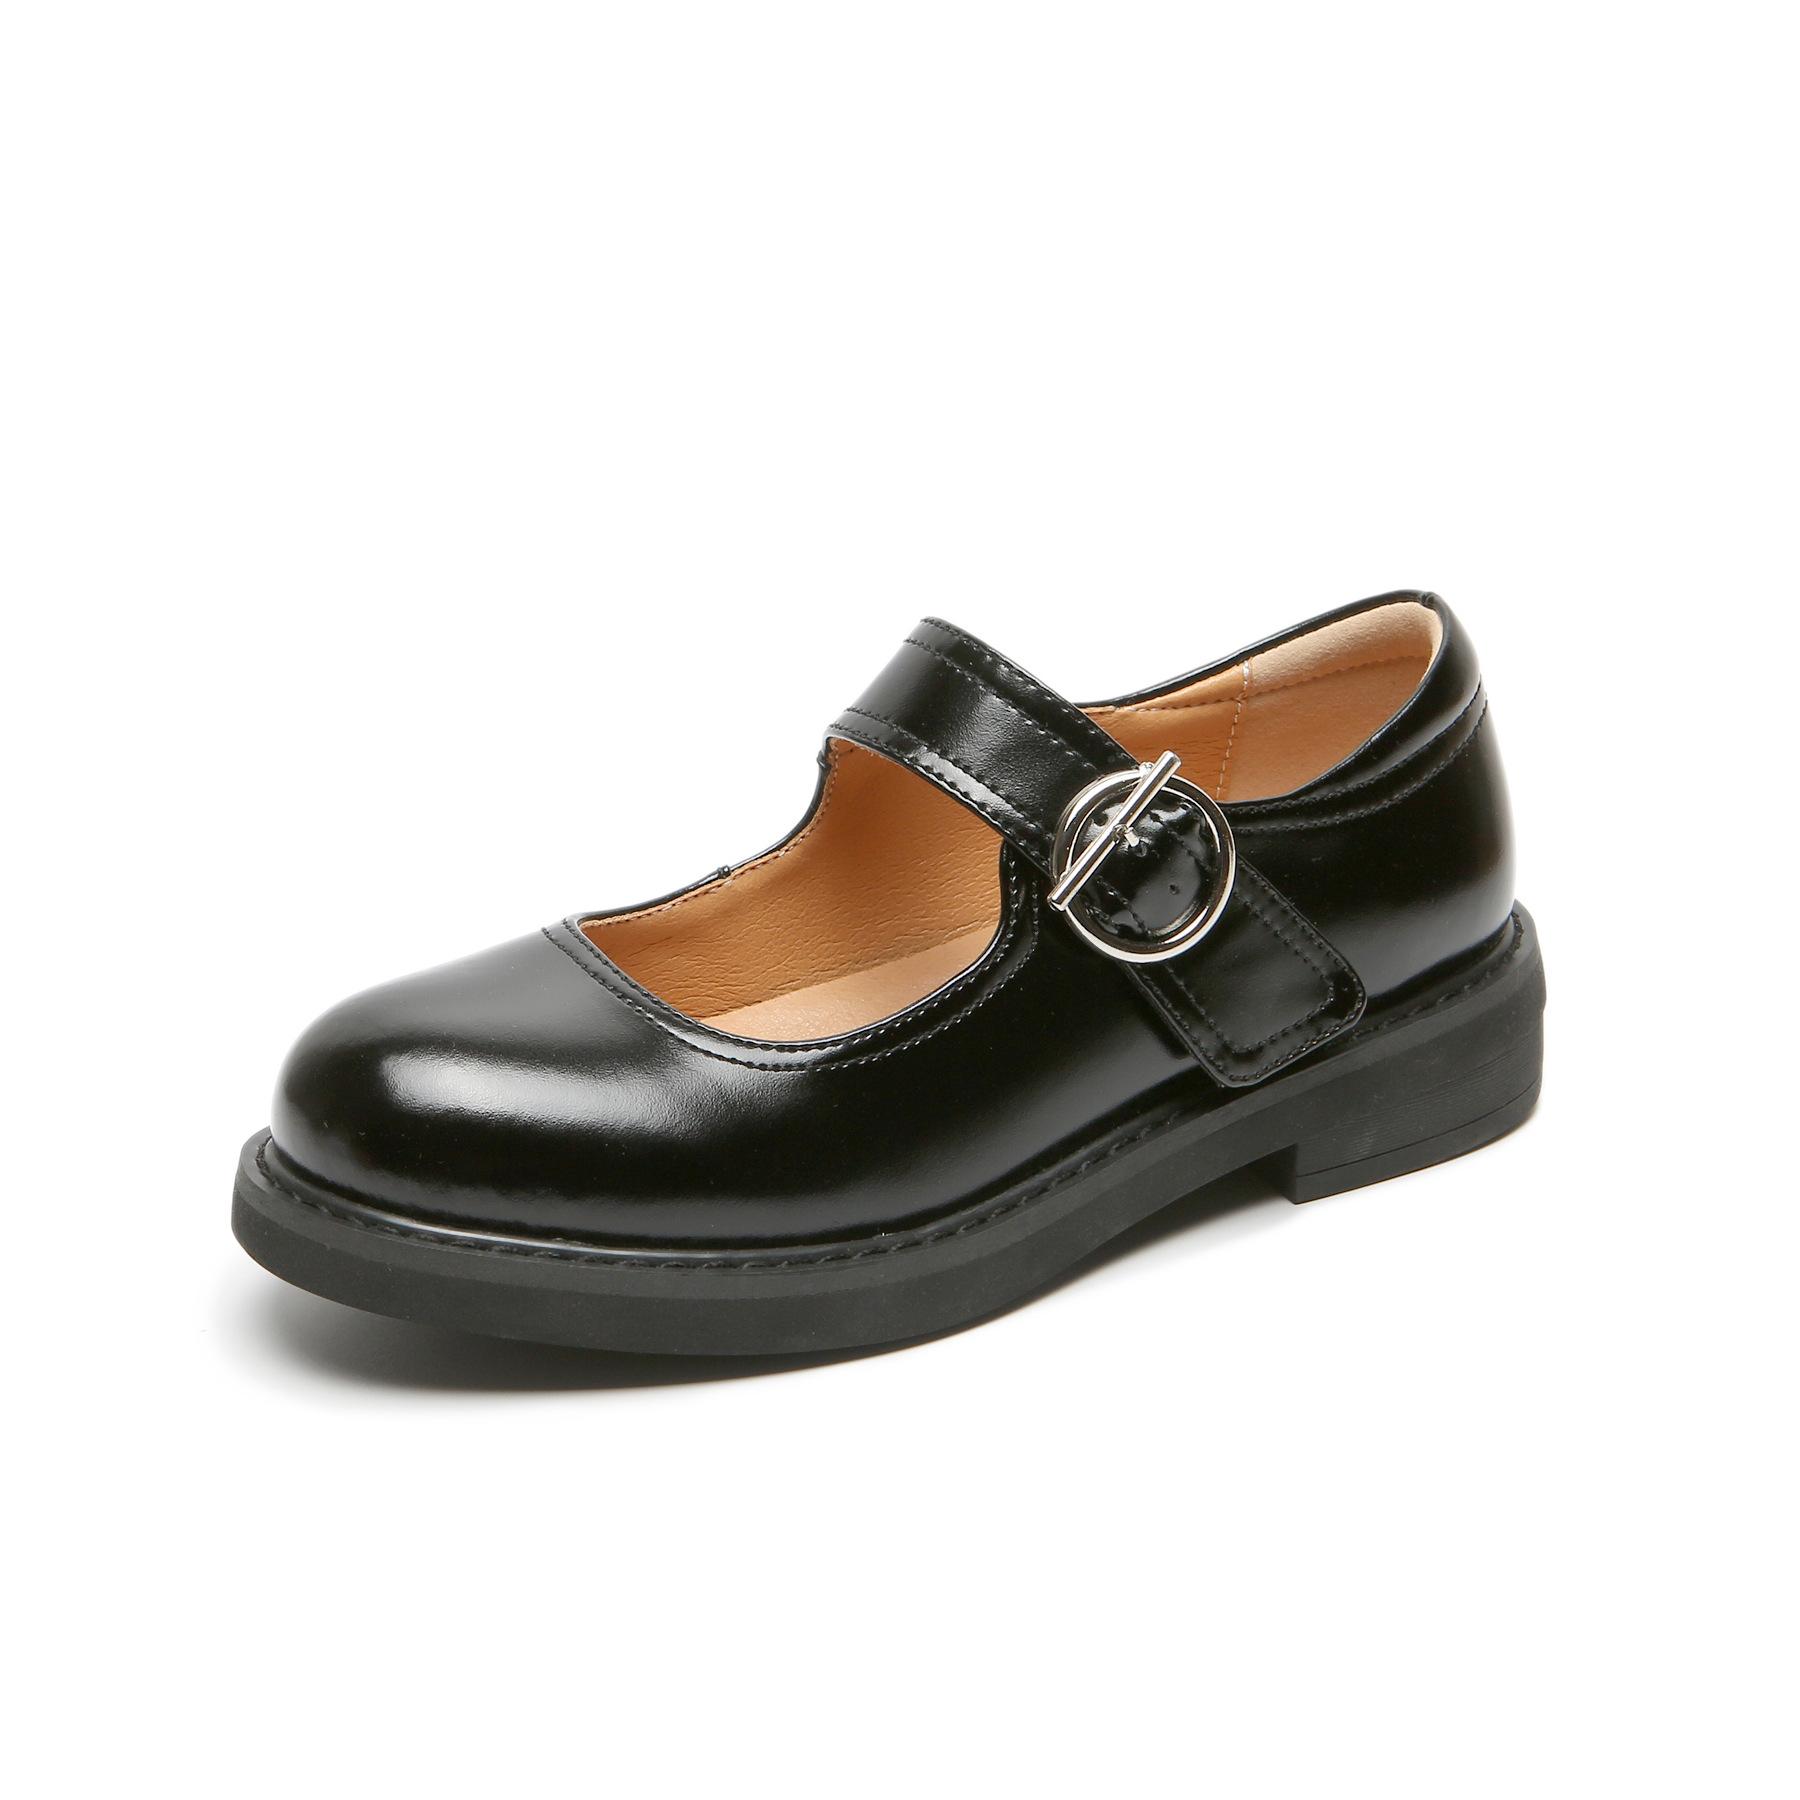 Giày da nữ Lolita Velcro kiểu dáng đơn giản .